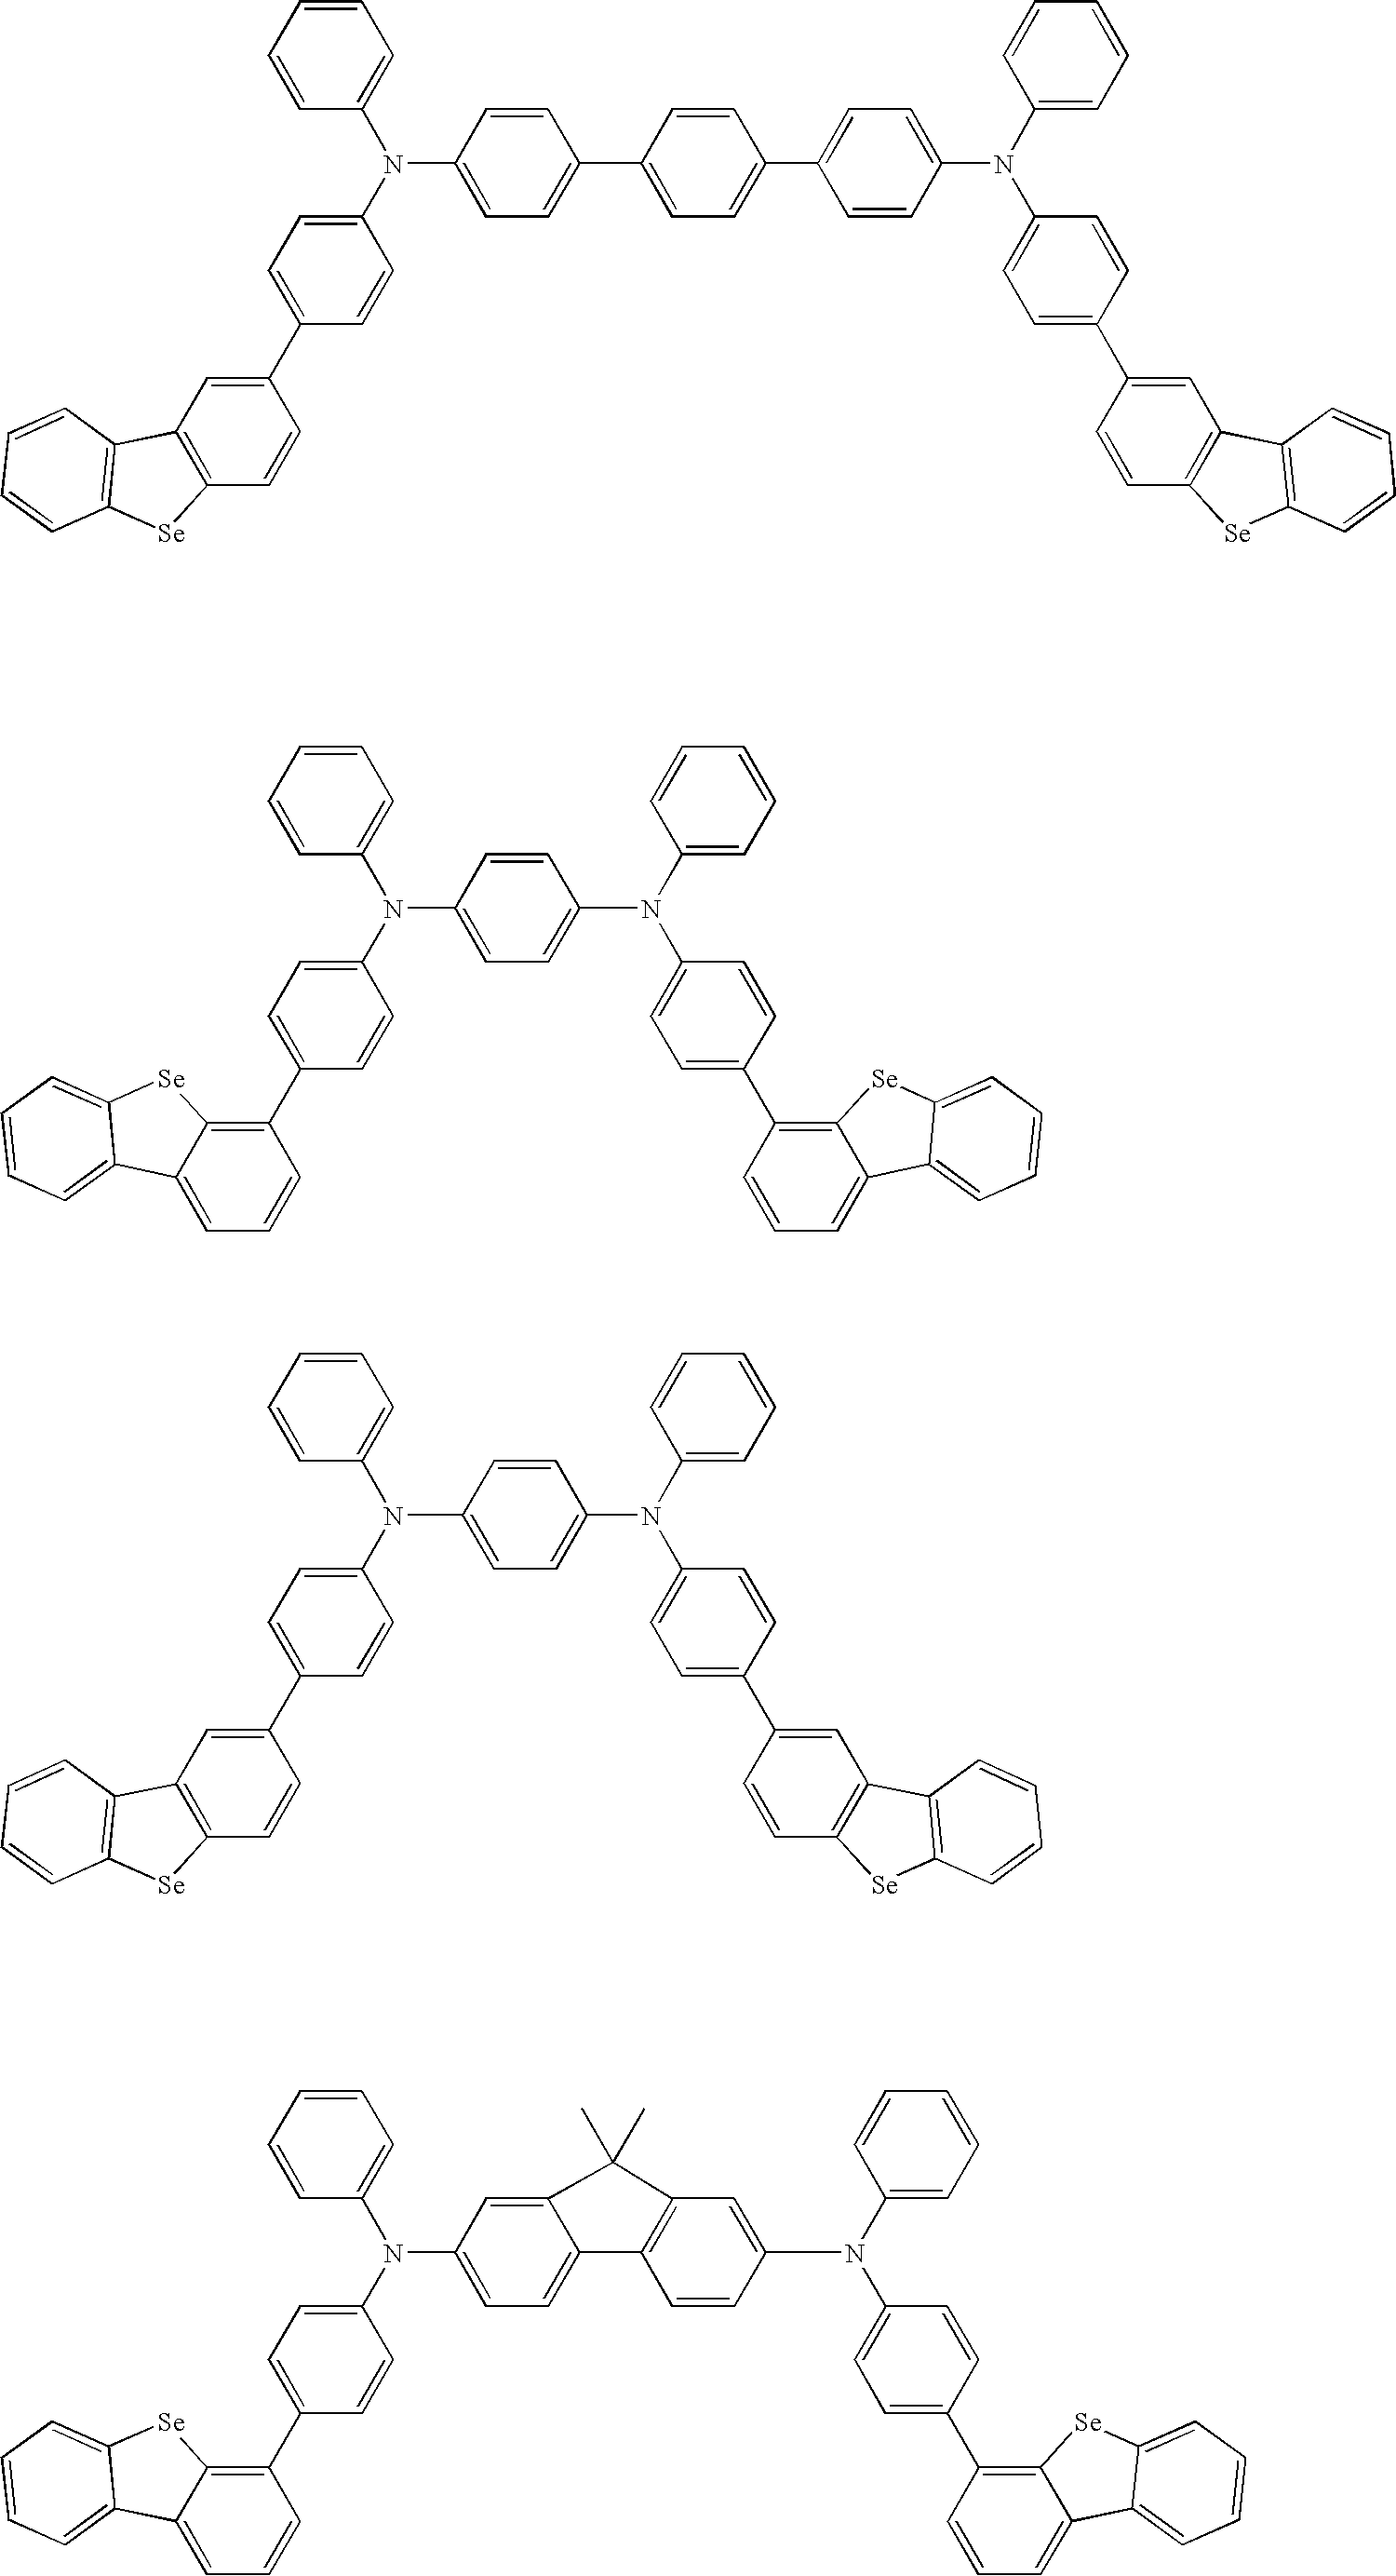 Figure US20100072887A1-20100325-C00205